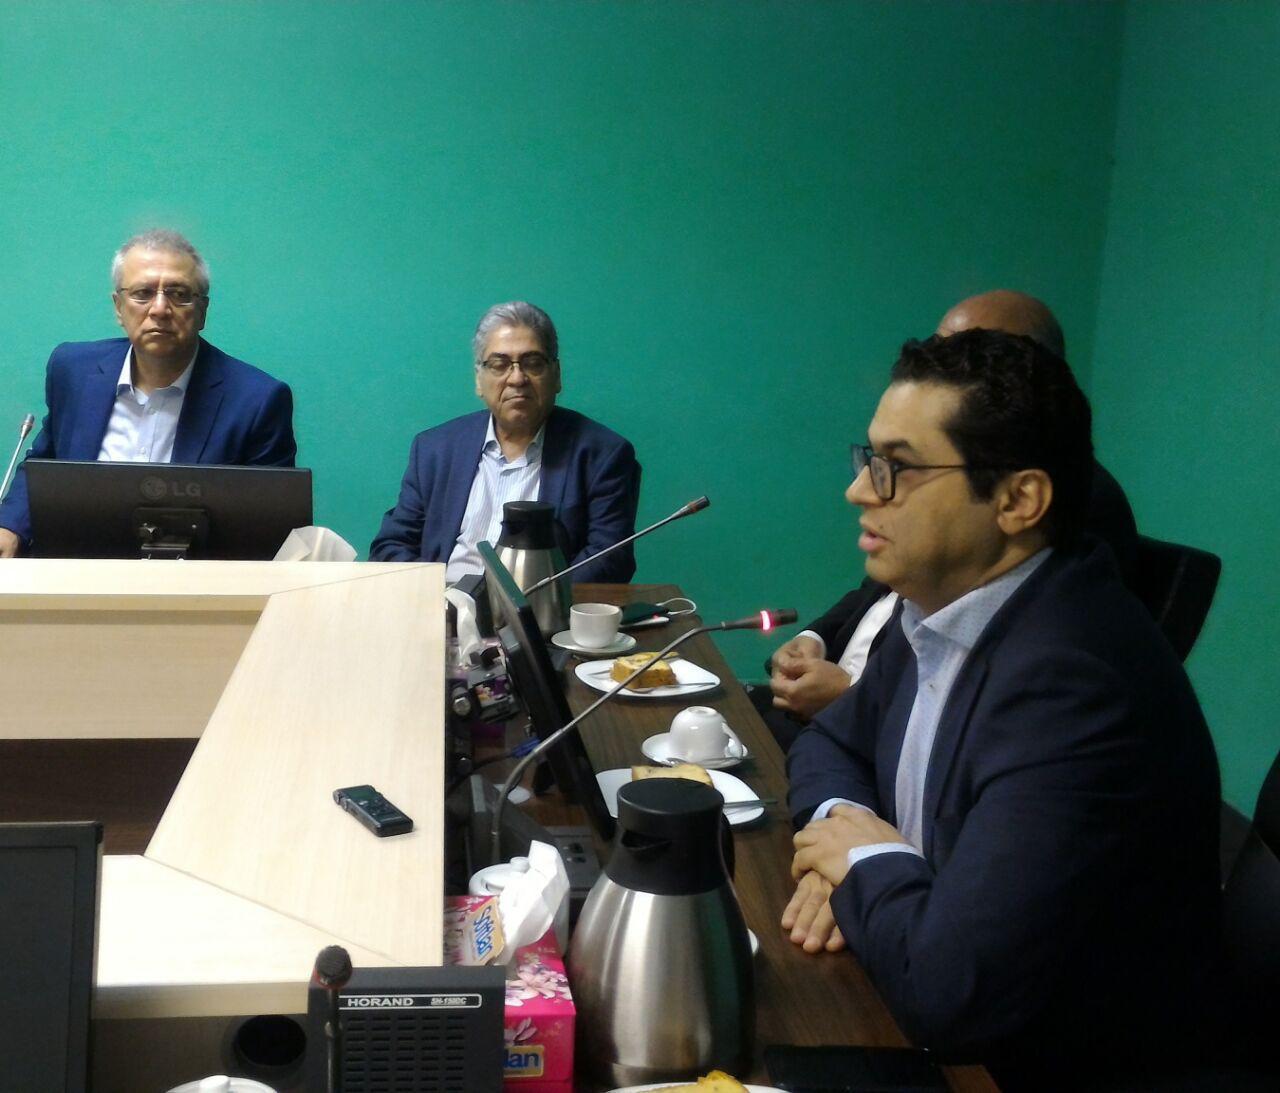 برگزاری نشست خبری کمیسیون سخت افزار و شبکه با موضوع نوسان نرخ ارز و اثار آن بر کسب و کارهای فناوری اطلاعات